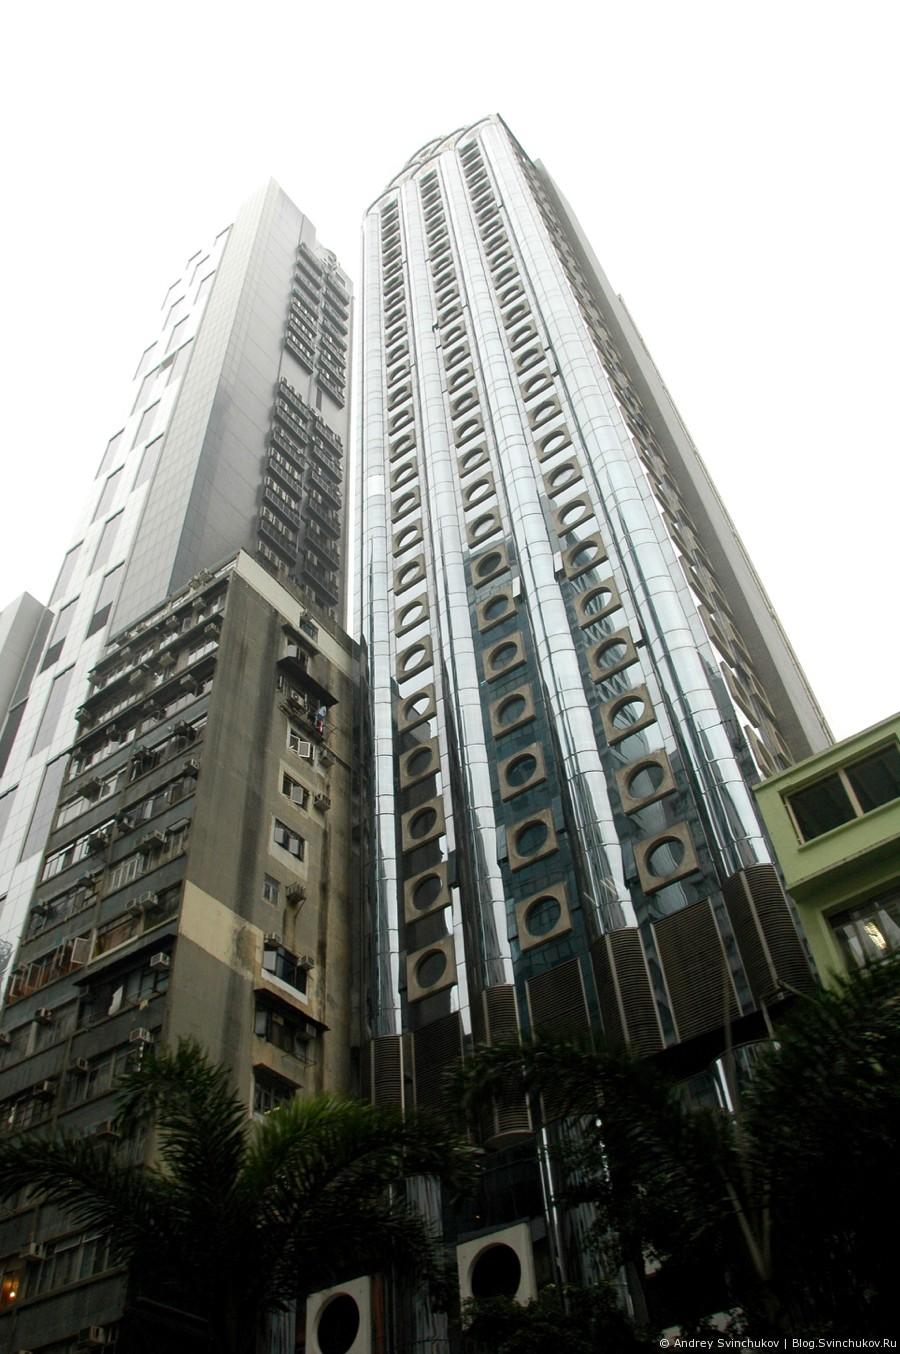 Неприлично много больших вертикальных фотографий зданий Гонконга